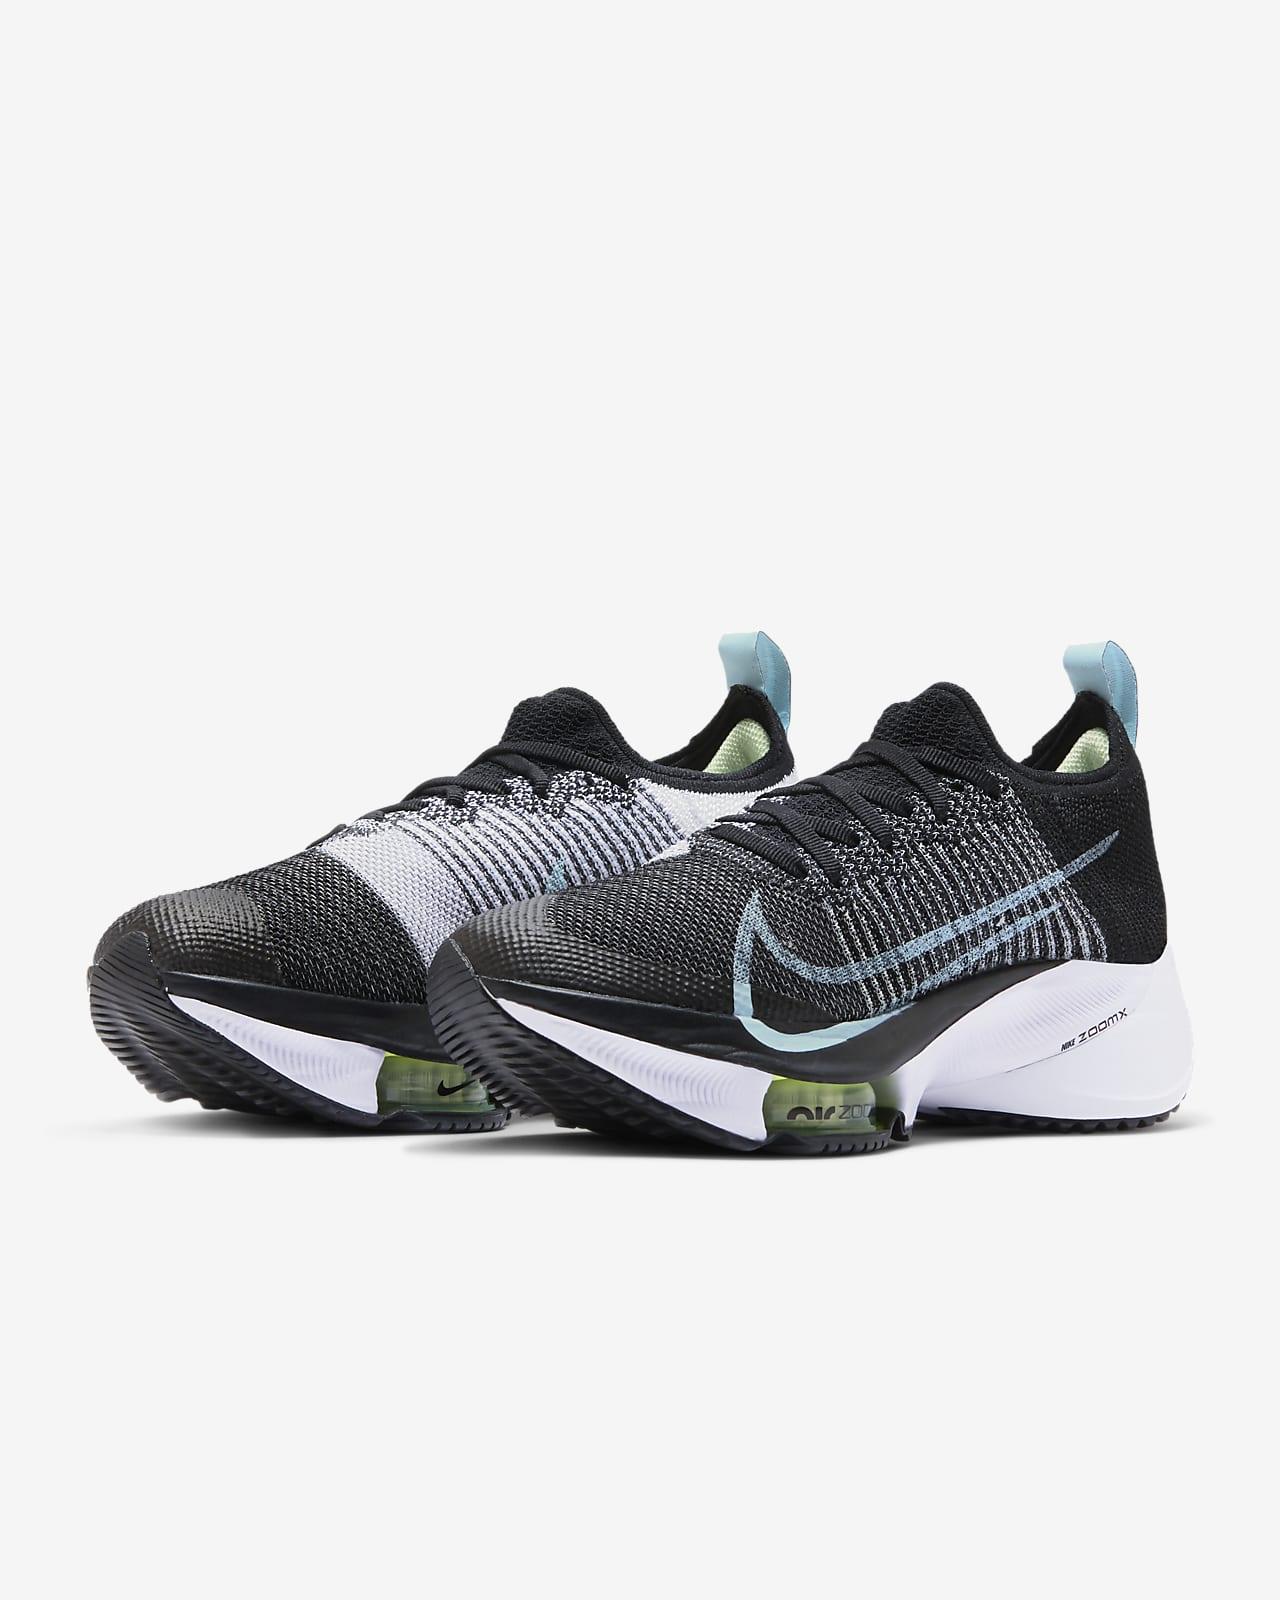 Nike Air Zoom Tempo NEXT% Women's